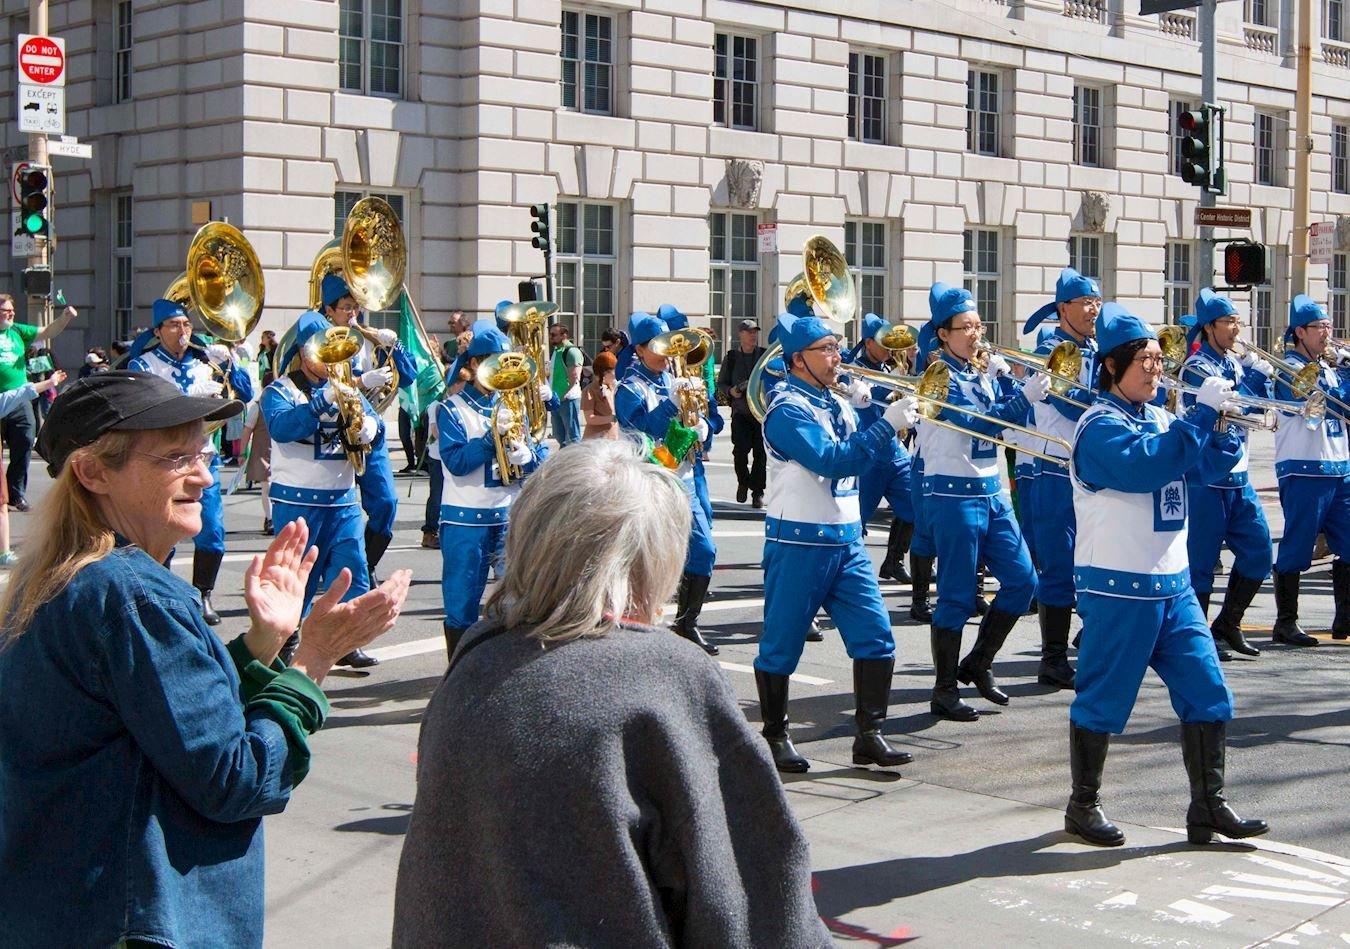 美西天國樂團參加三藩市聖派翠克日大遊行。(明慧網)